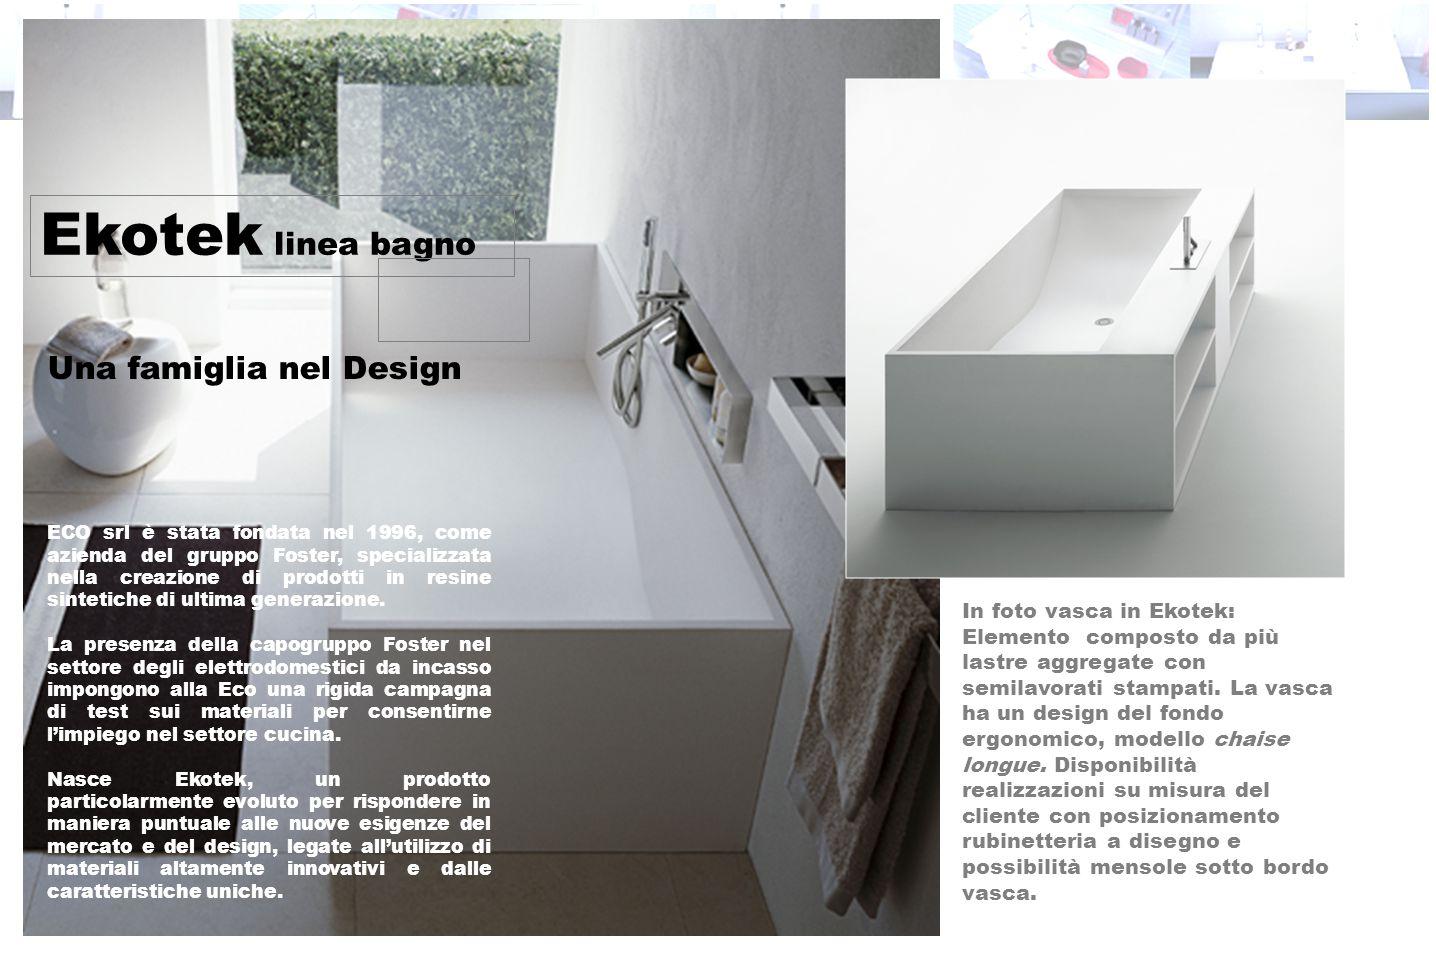 Ekotek linea bagno La capacità industriale Oltre al settore cucina, Eco si è sviluppata nel settore bagno, nel contract e nell'hotellerie, grazie all'estrema duttilità d'impiego del materiale Ekotek.